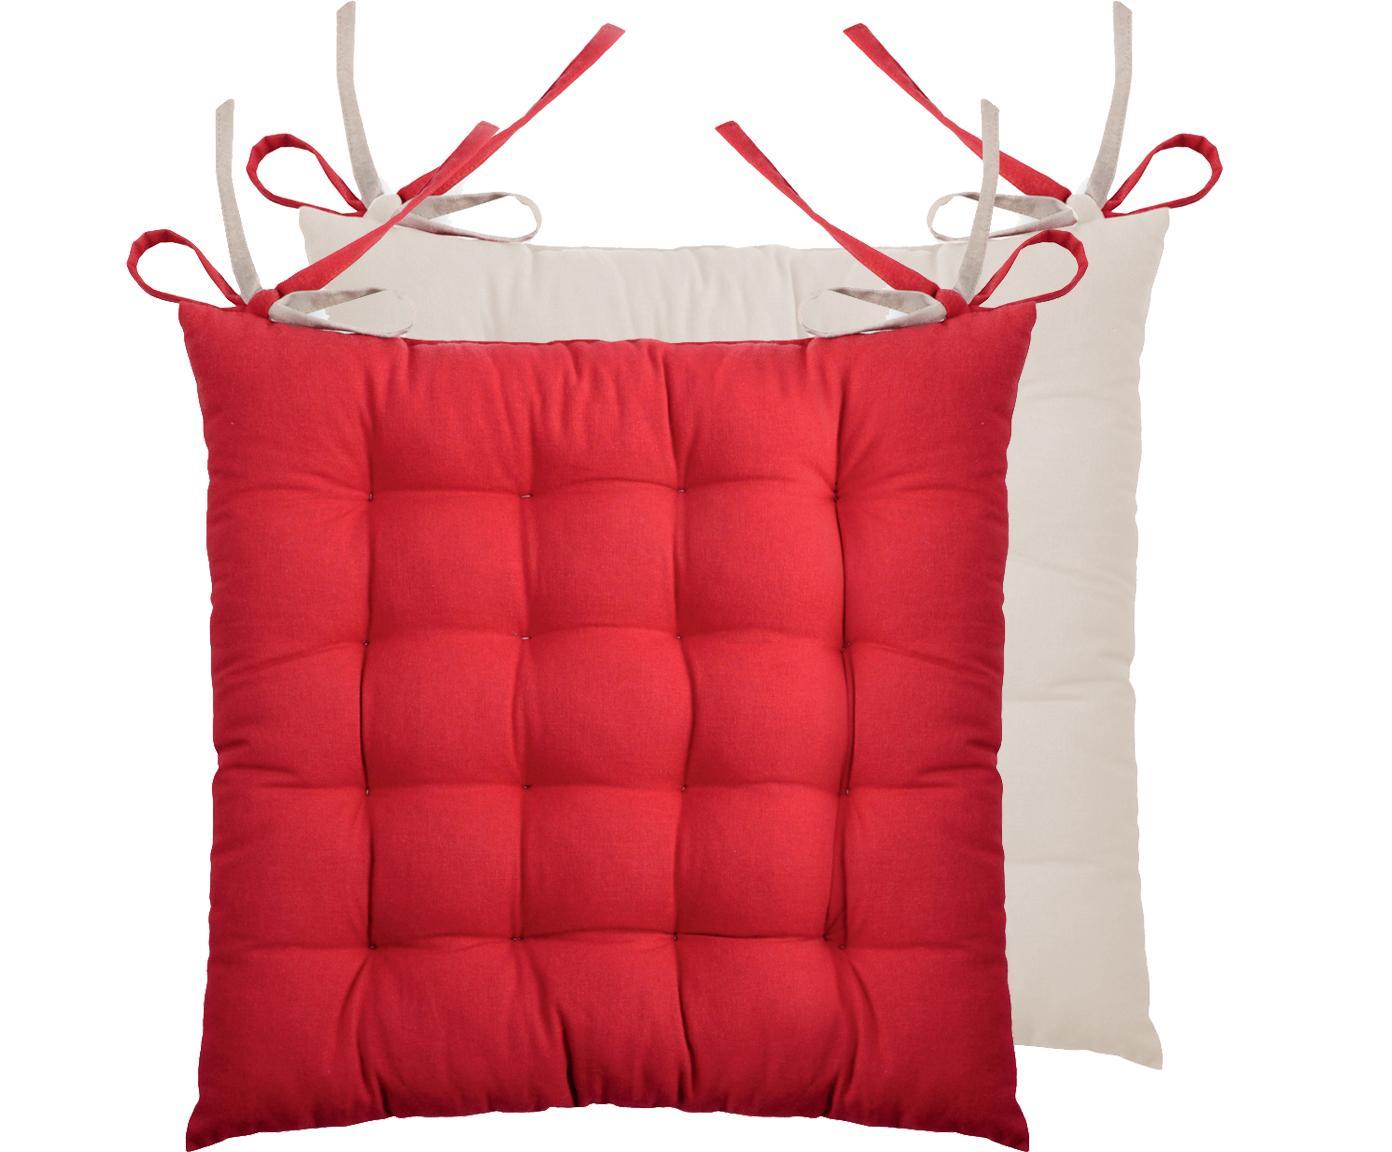 Wendesitzkissen Duo rot/beige, 2 Stück, Rot, Beige, 40 x 40 cm